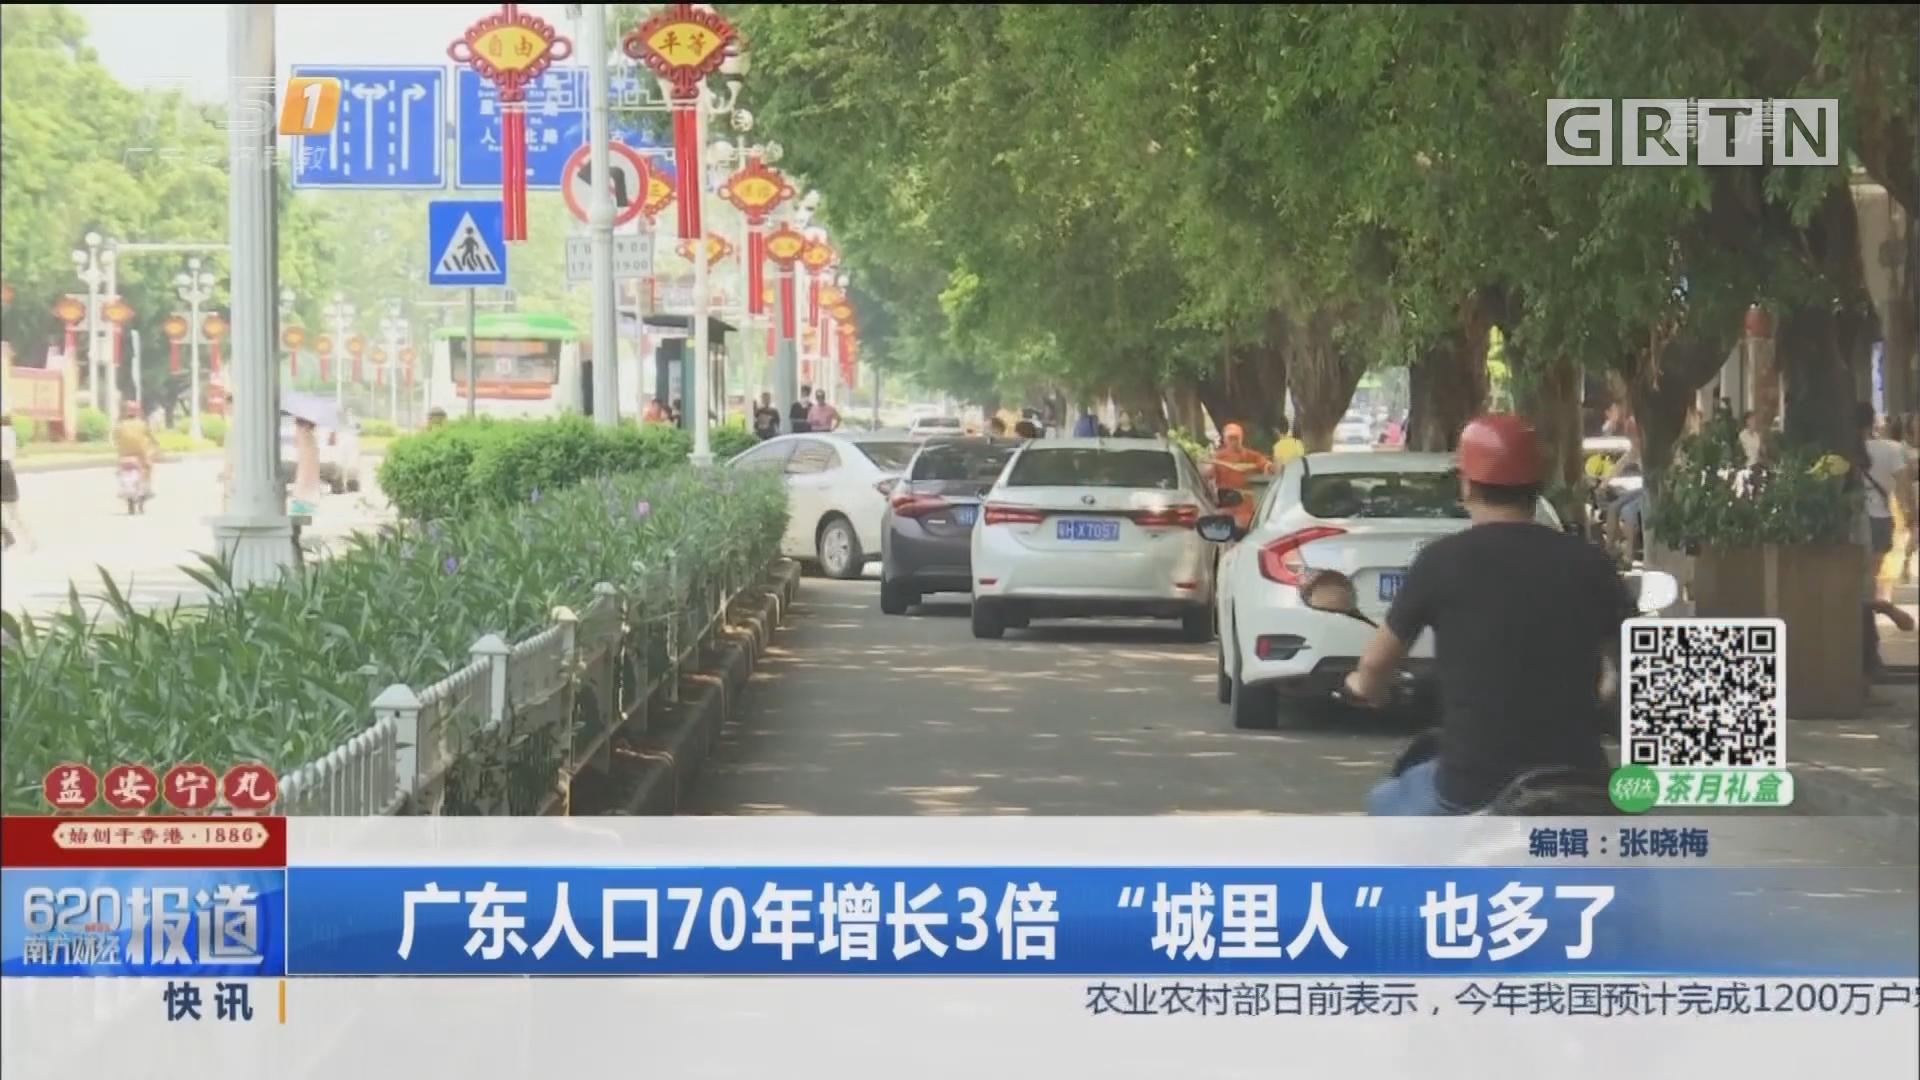 """广东人口70年增长3倍 """"城里人""""也多了"""